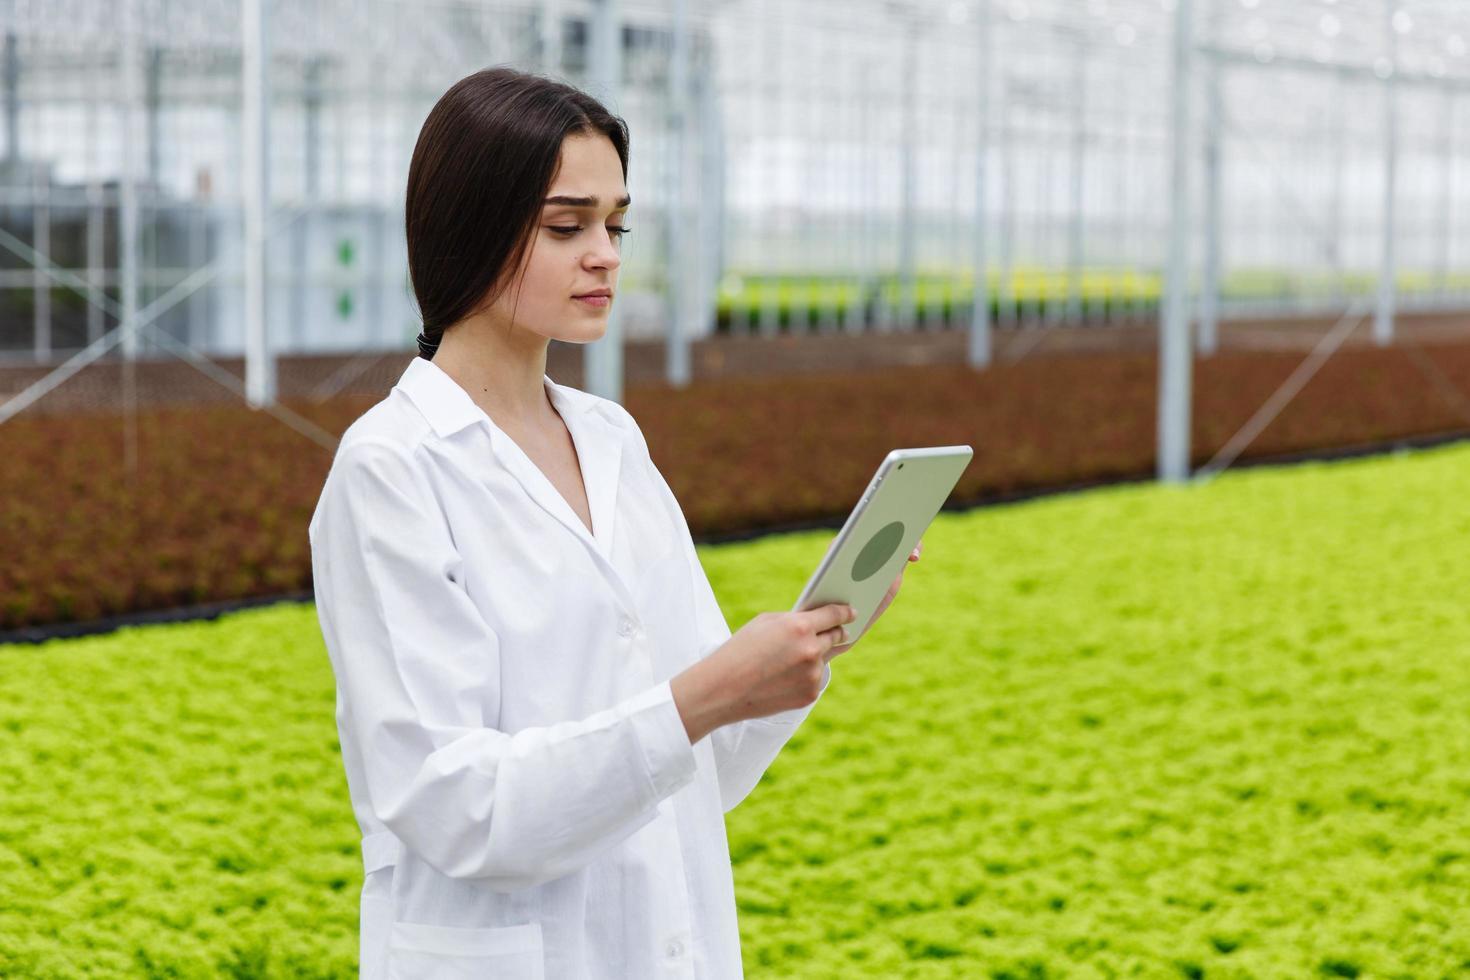 chercheuse tient une tablette photo